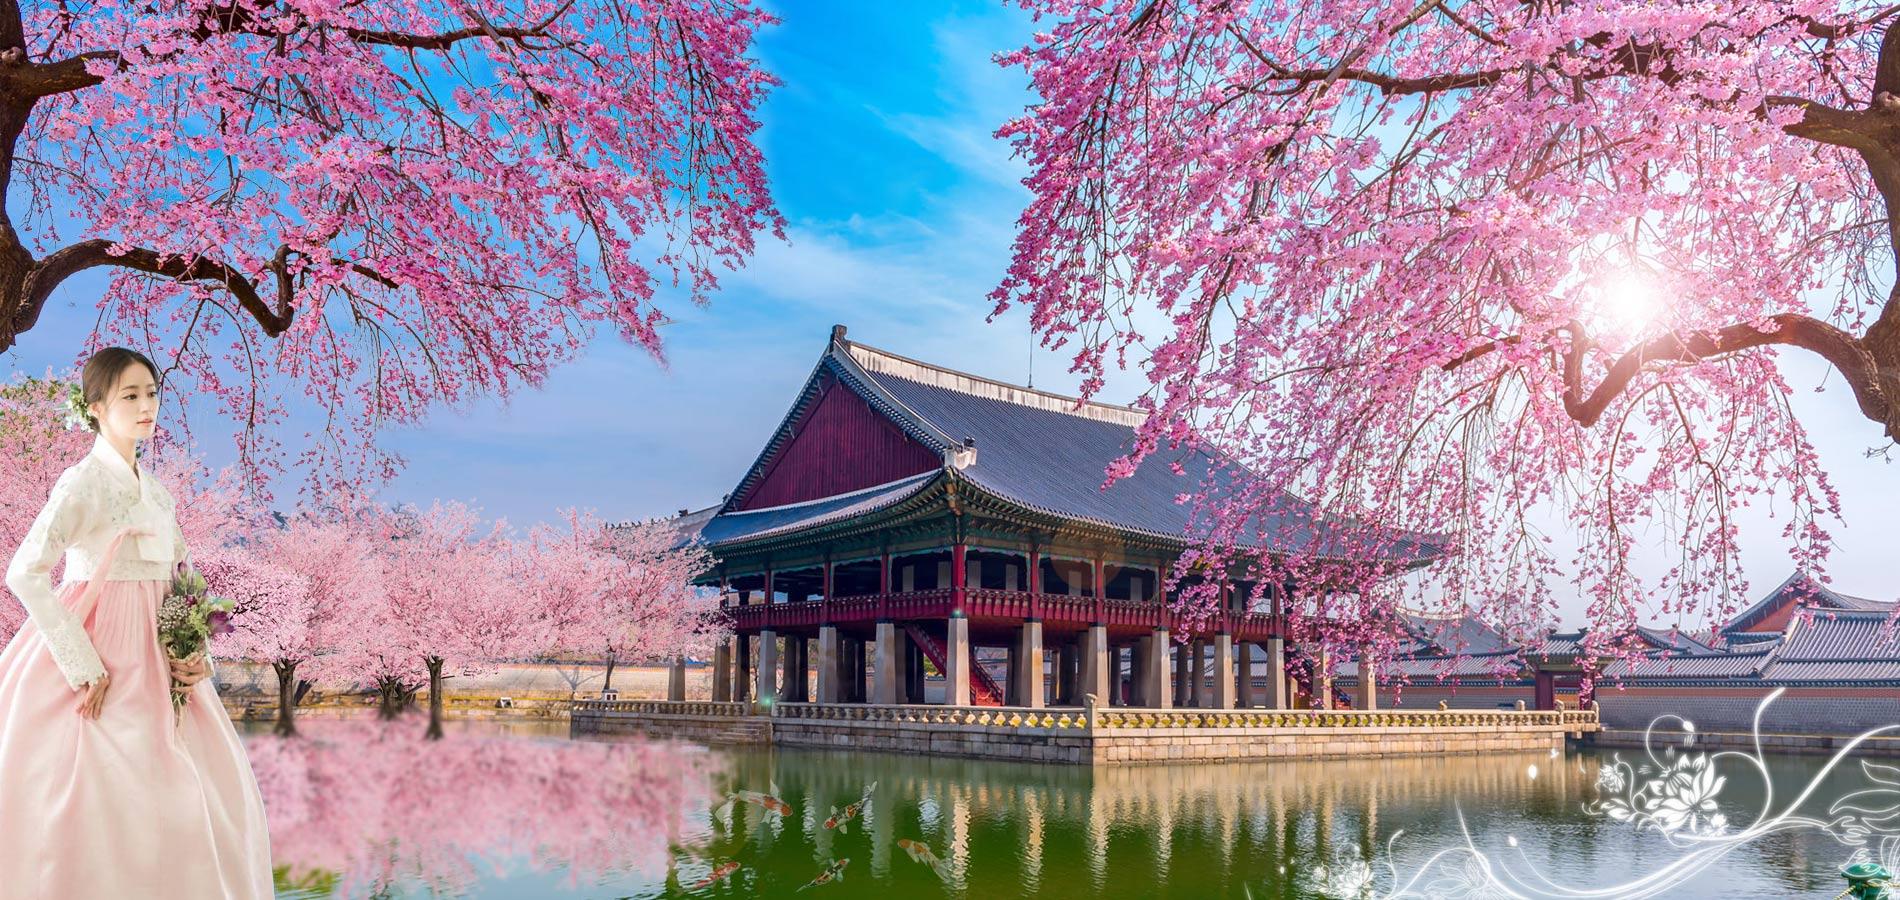 Tour Du Lịch Lạc Vao Xứ Sơ Hoa Anh Đào Cùng The Sinh Tour